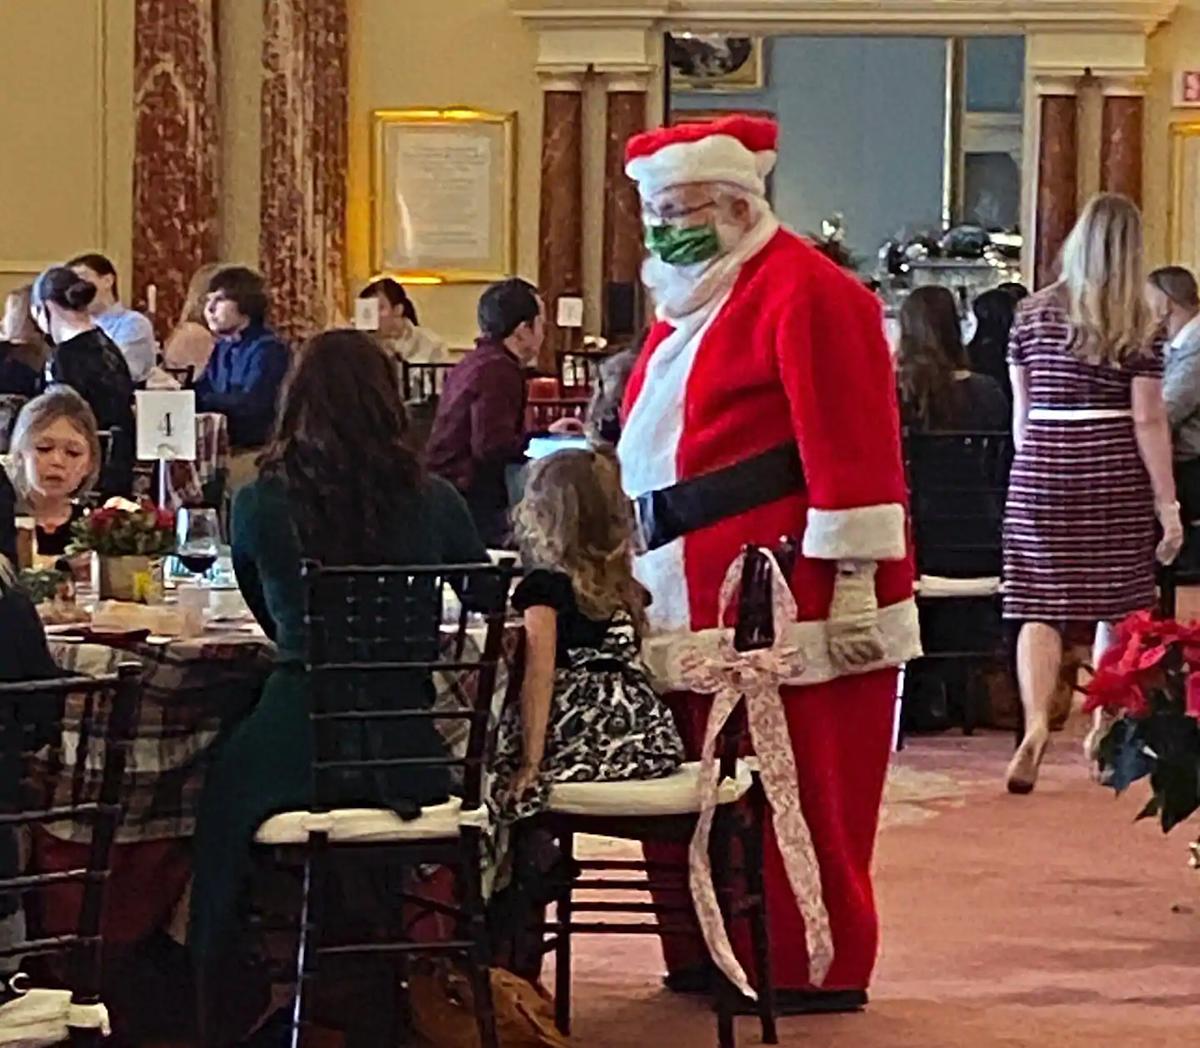 Ông già Noel chào đón người tới dự tiệc của Ngoại trưởng Pompeo tối 15/12. Ảnh: Washington Post.